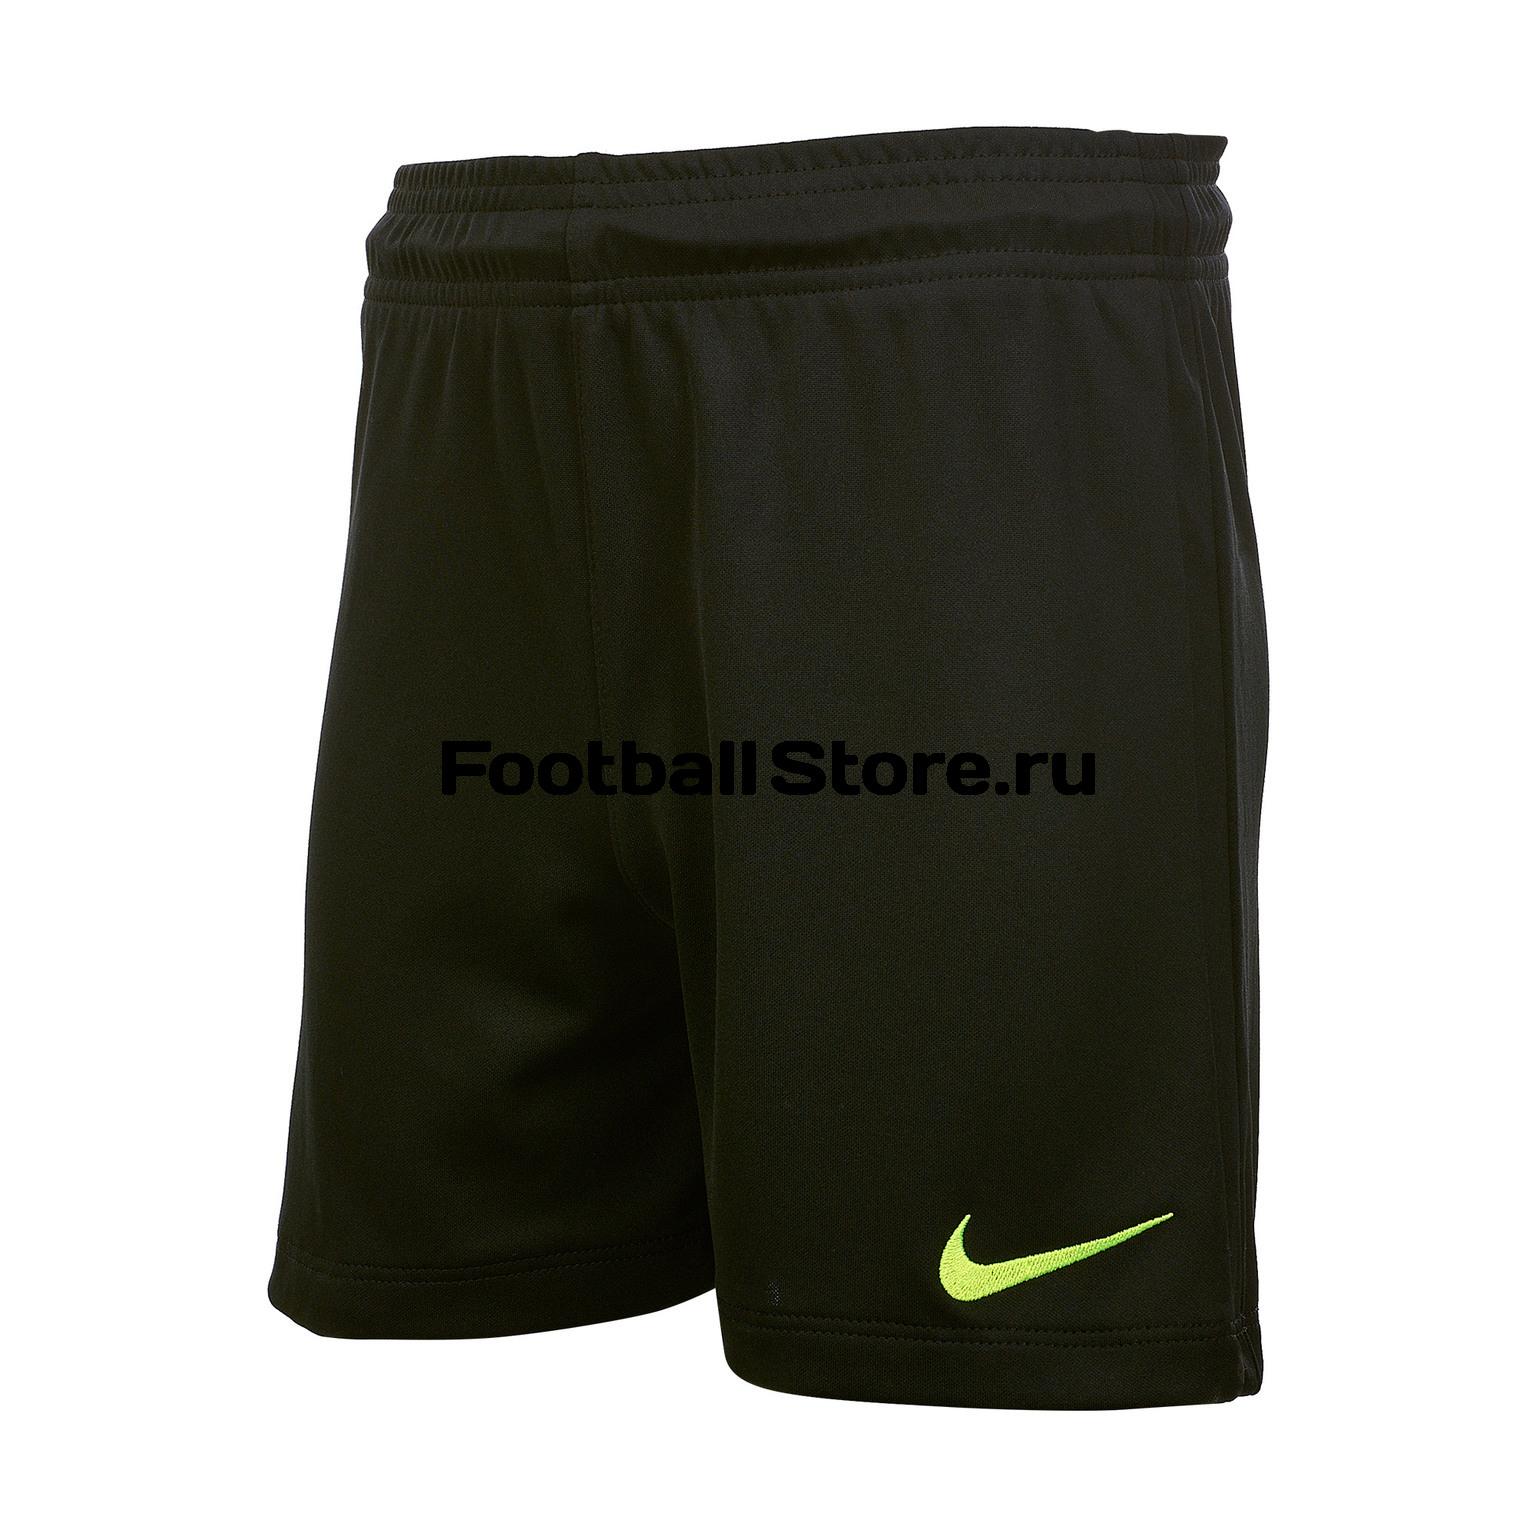 цена на Шорты игровые подростковые Nike League NB 725990-011